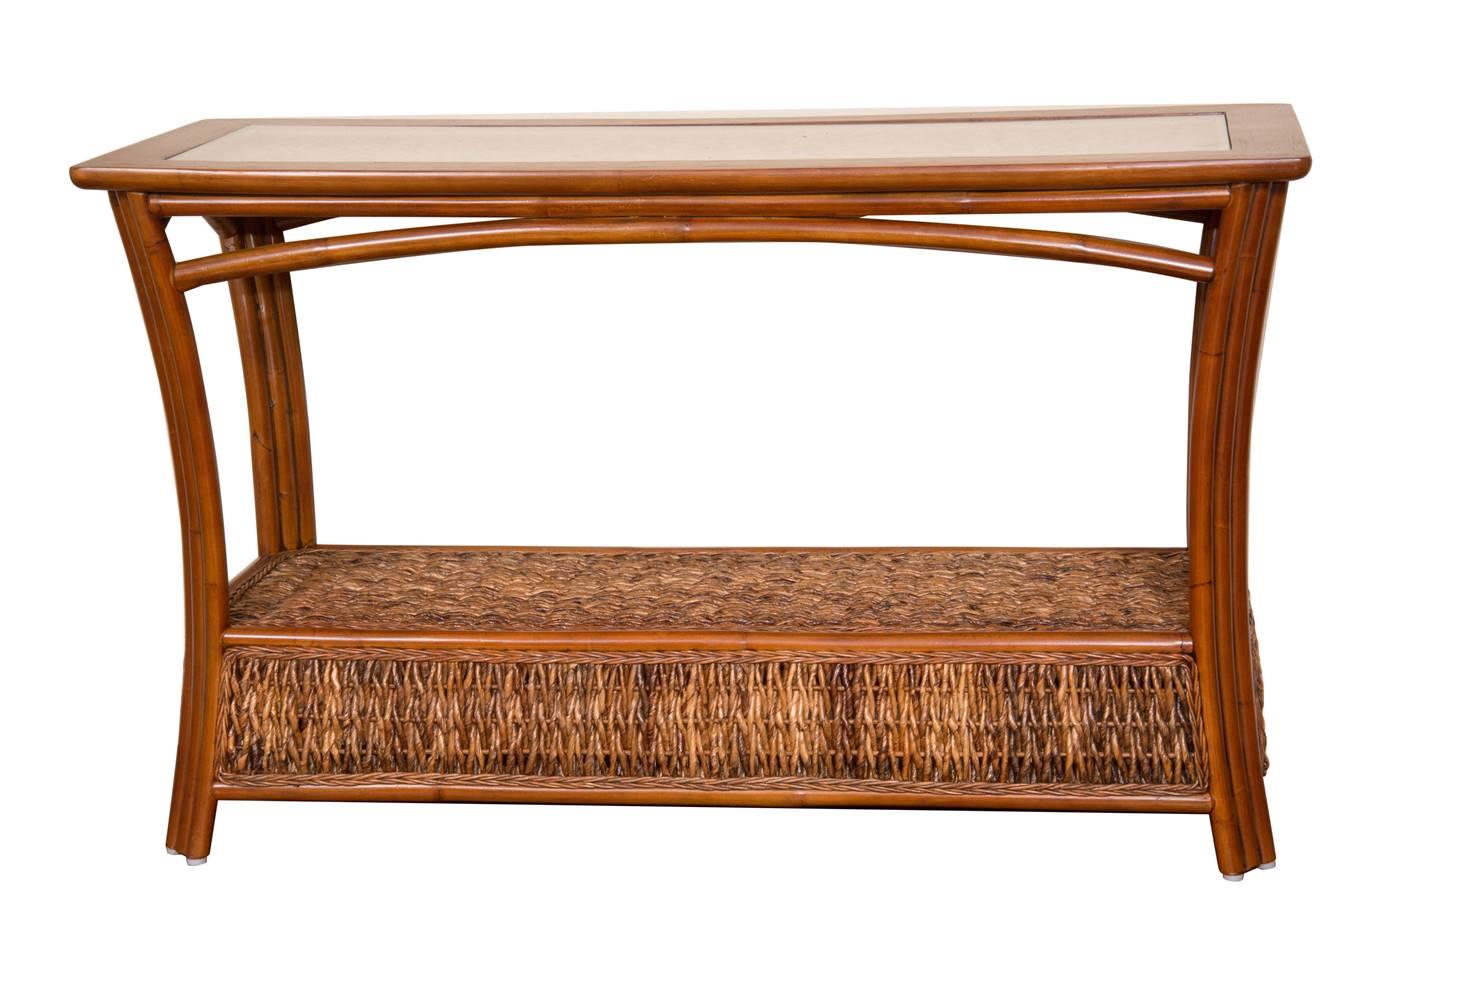 Antique Wicker Furniture Dealers Antique Furniture